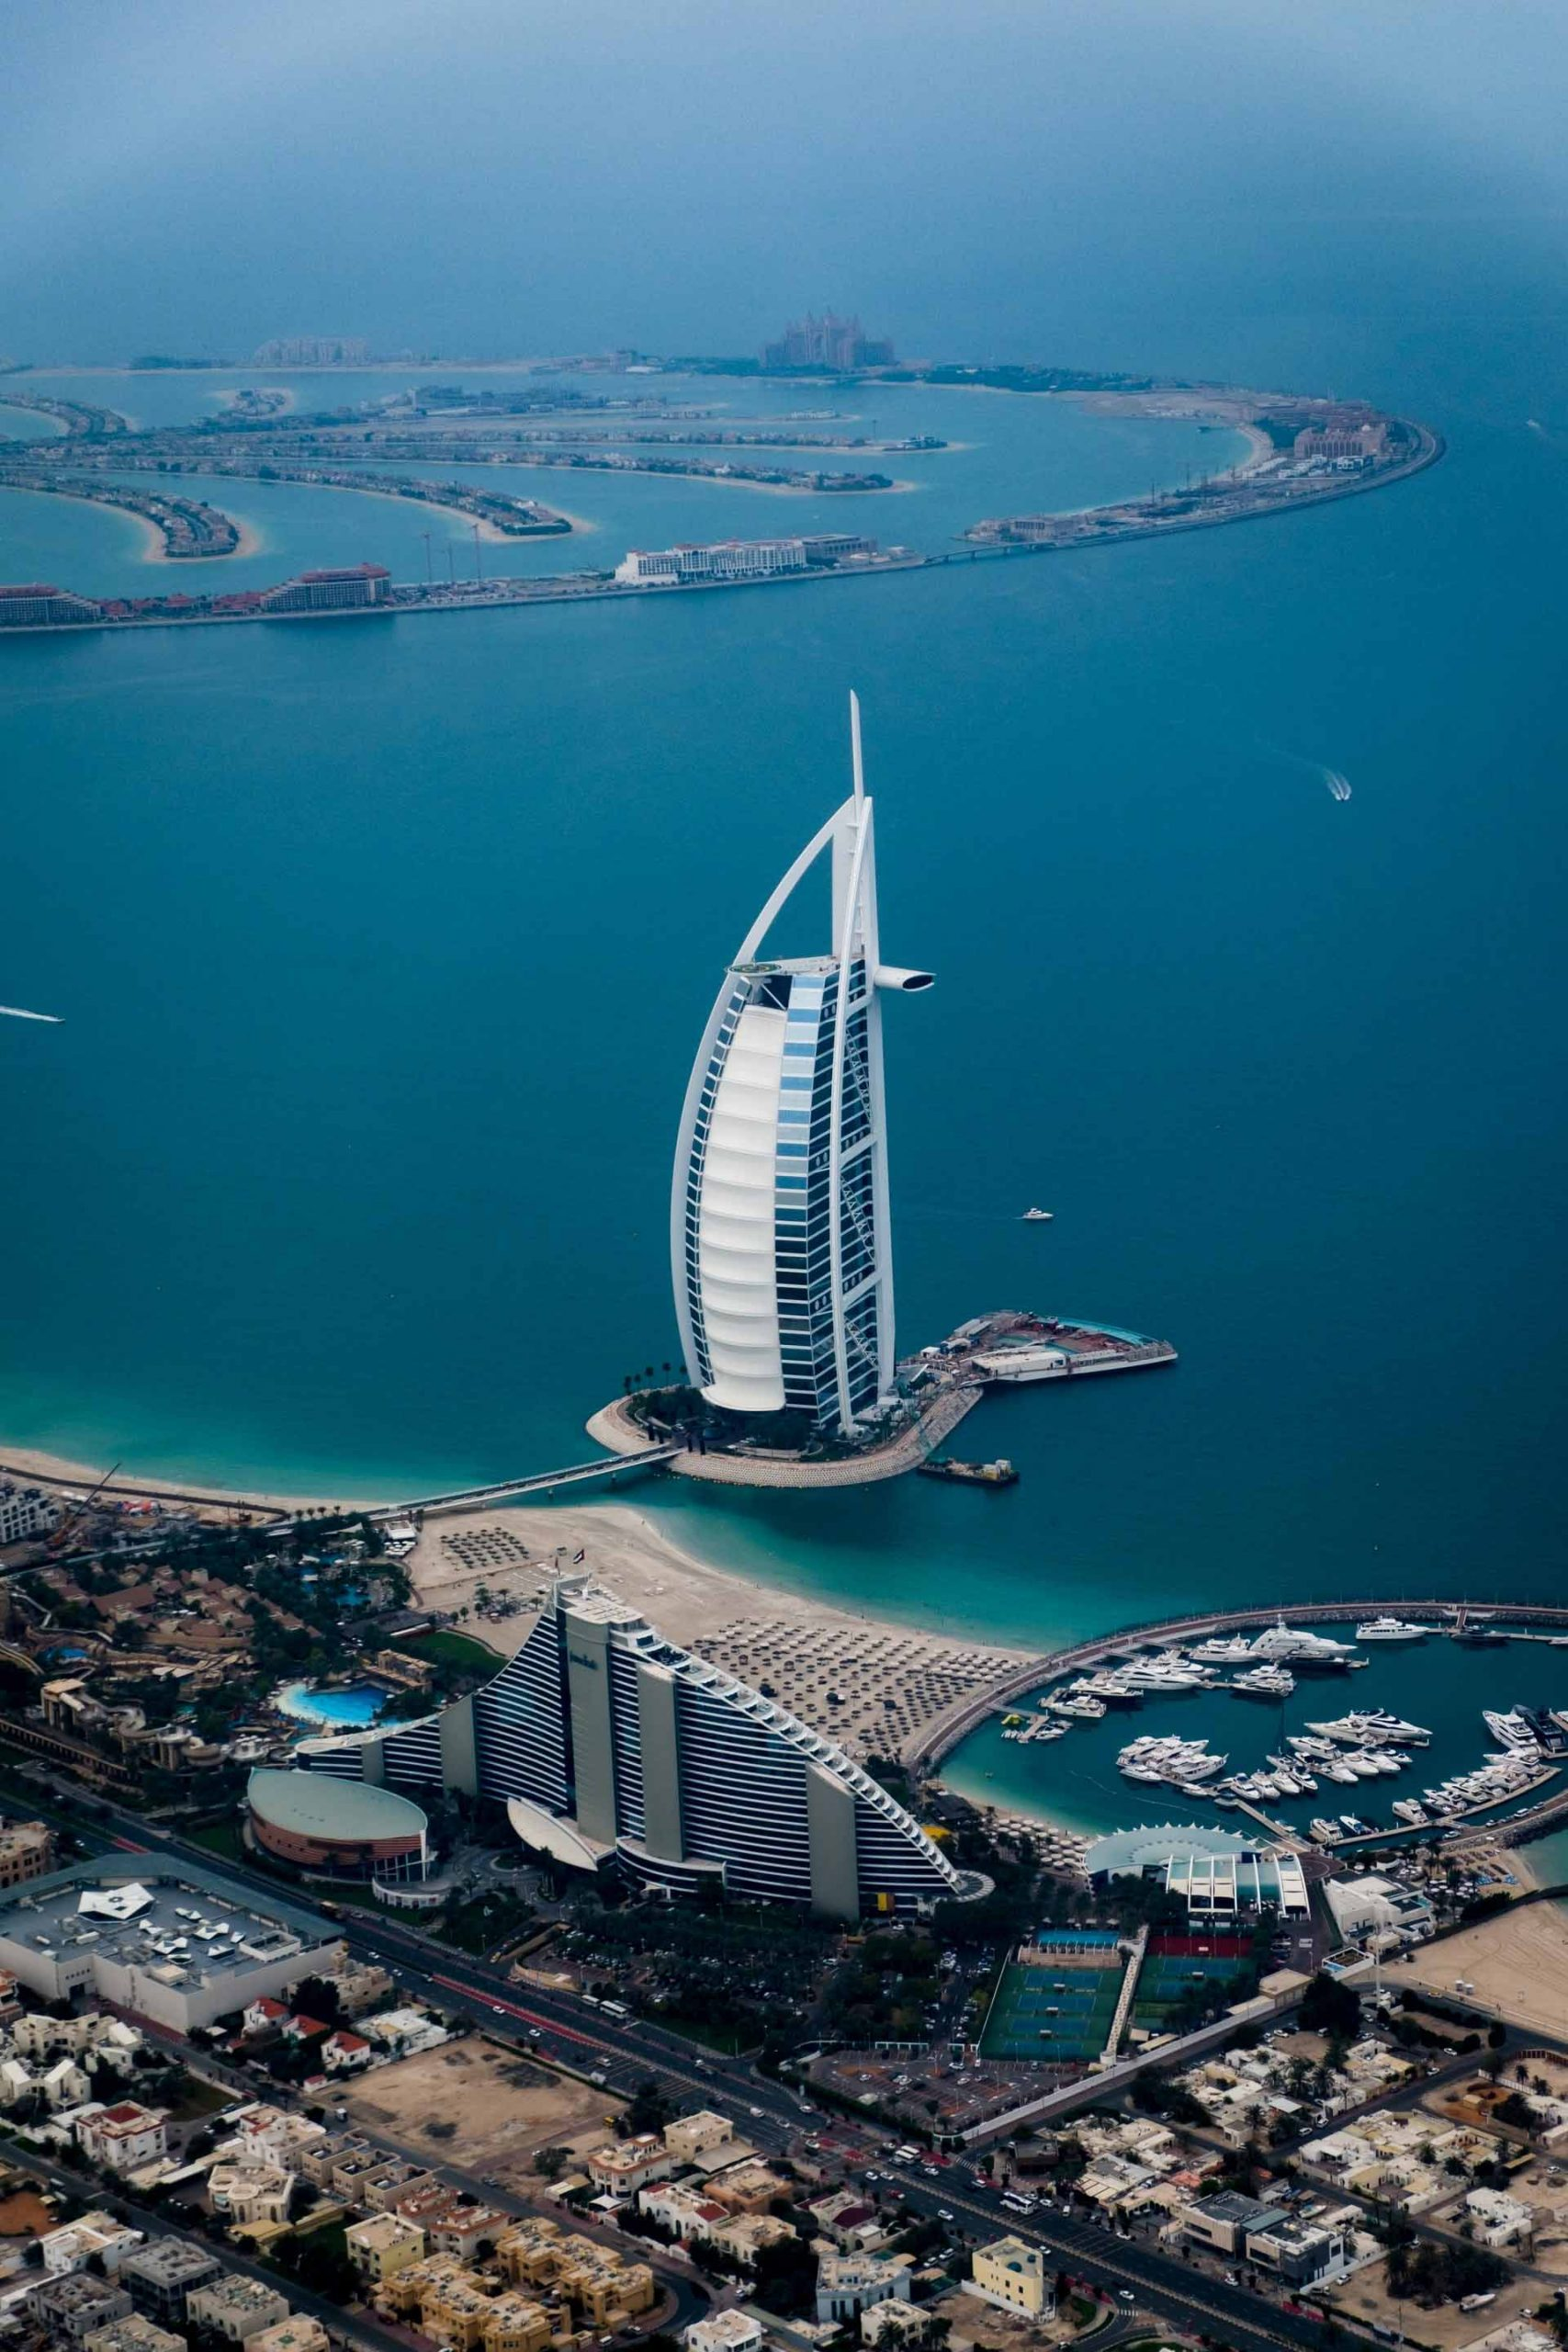 Vista del hotel burj al arab Dubai